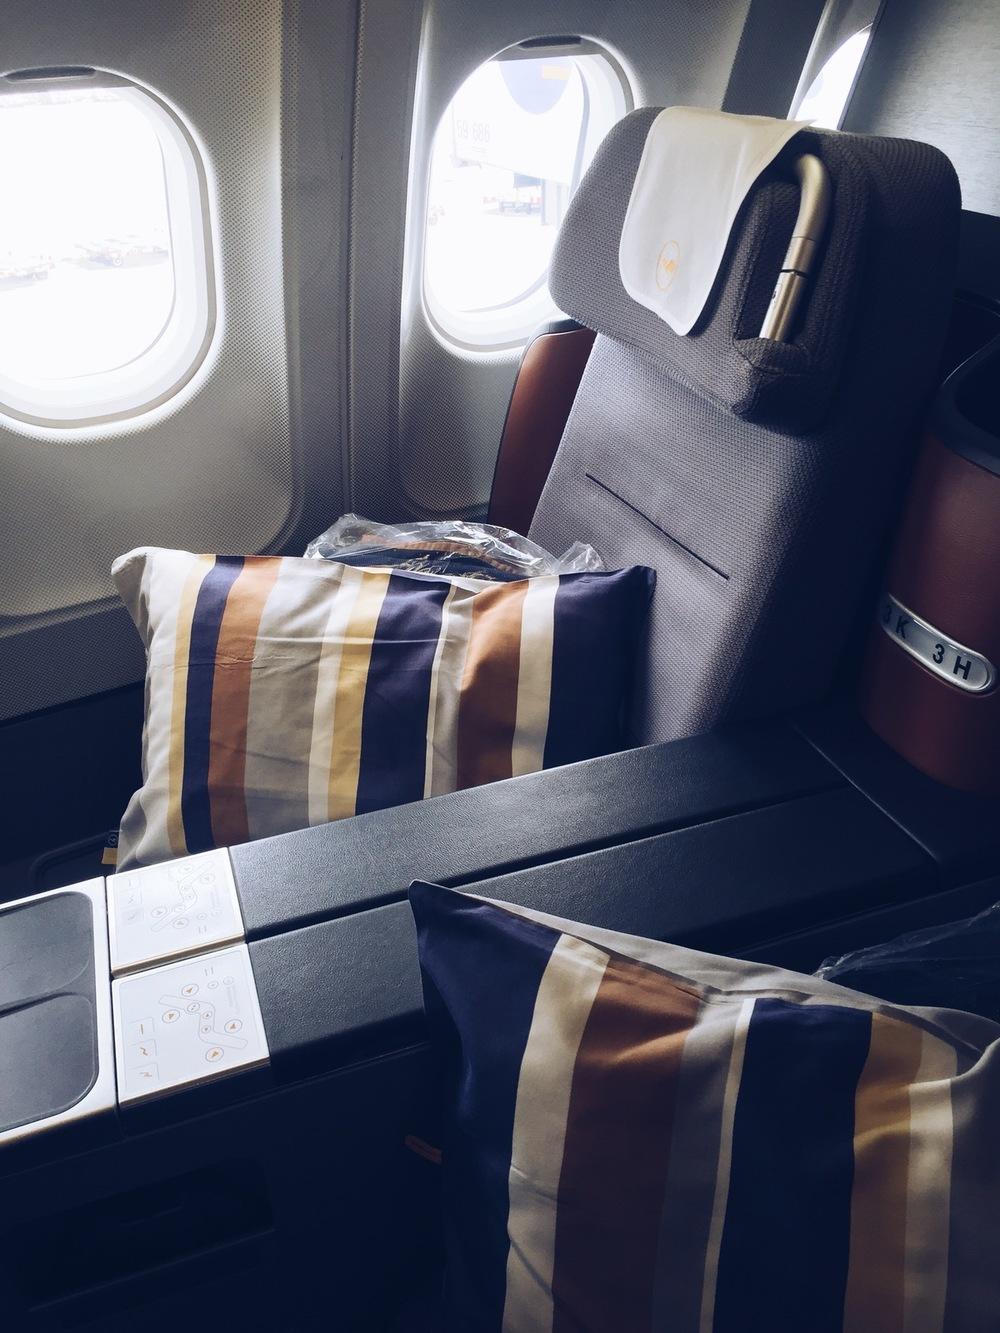 lufthansa business class seat .jpg